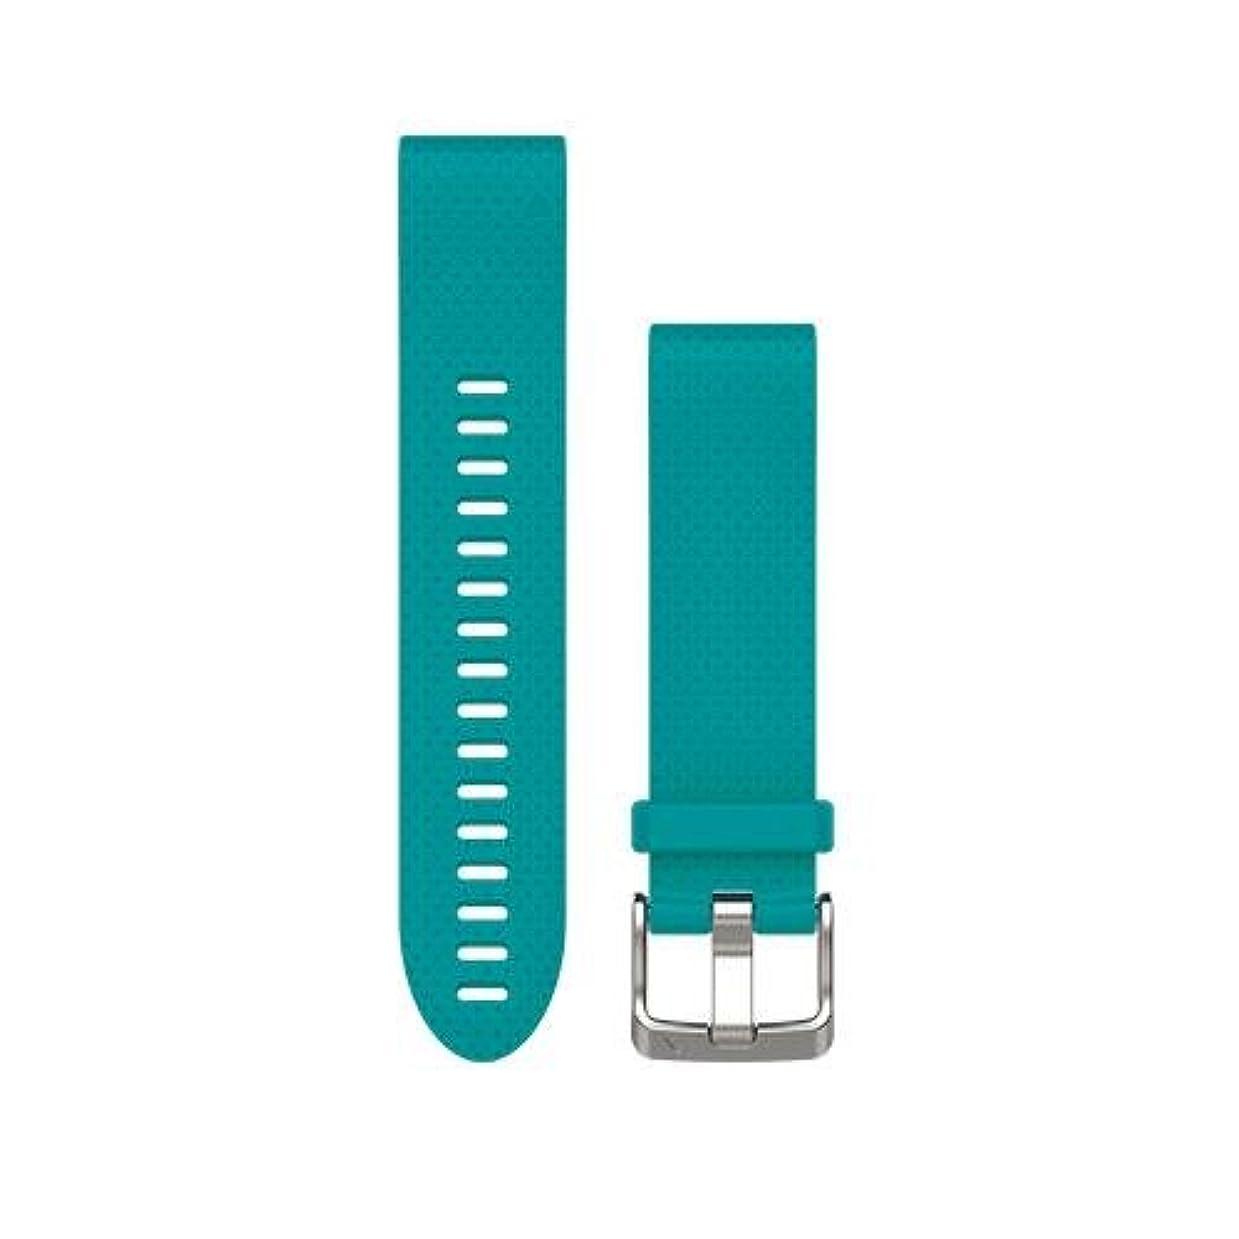 変わる夜間ベリーGARMIN(ガーミン) ベルト交換キット fenix5s用 Blue 010-12491-25